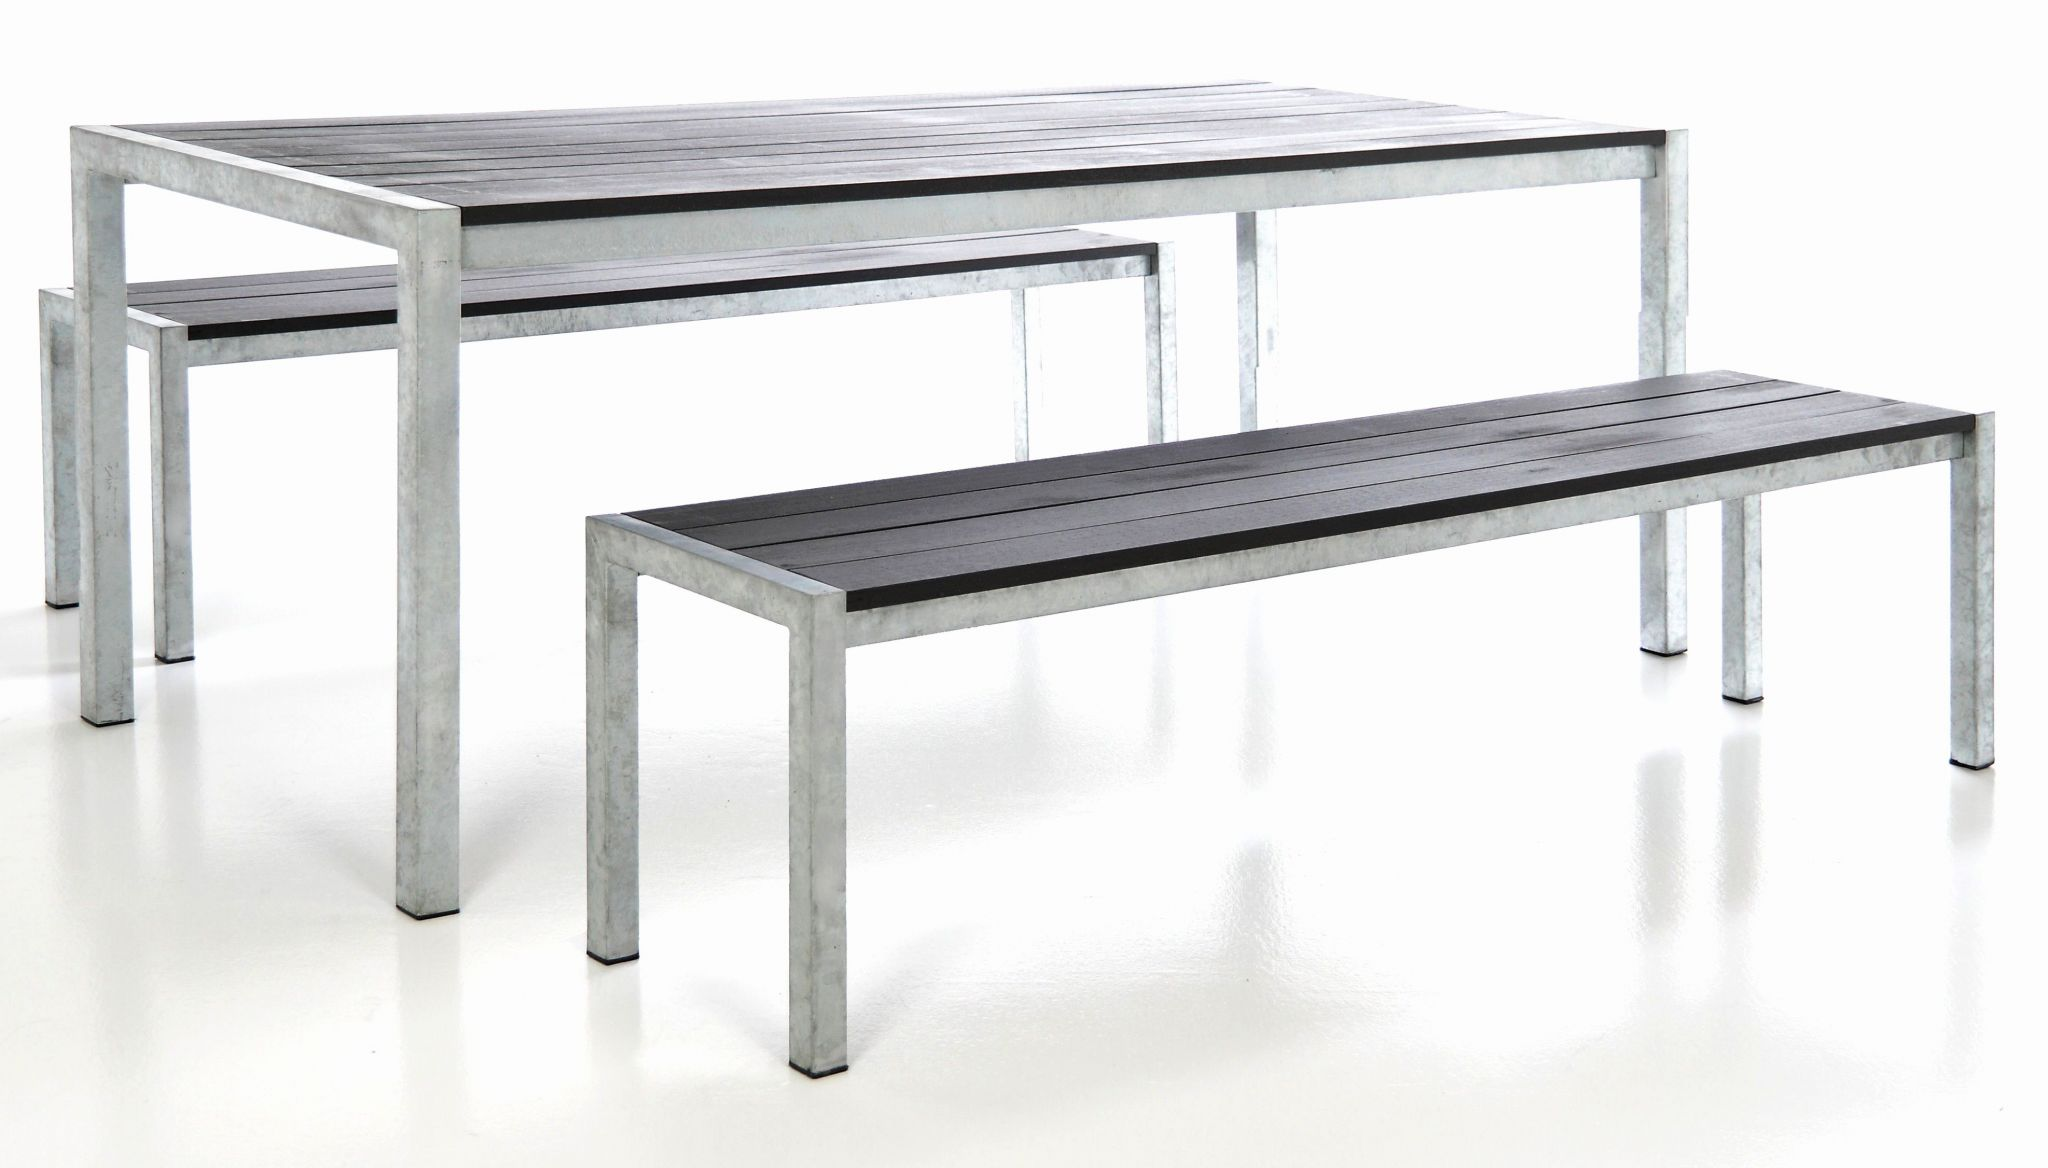 Table Et Banc Unique Table Et Banc Pour Terrasse